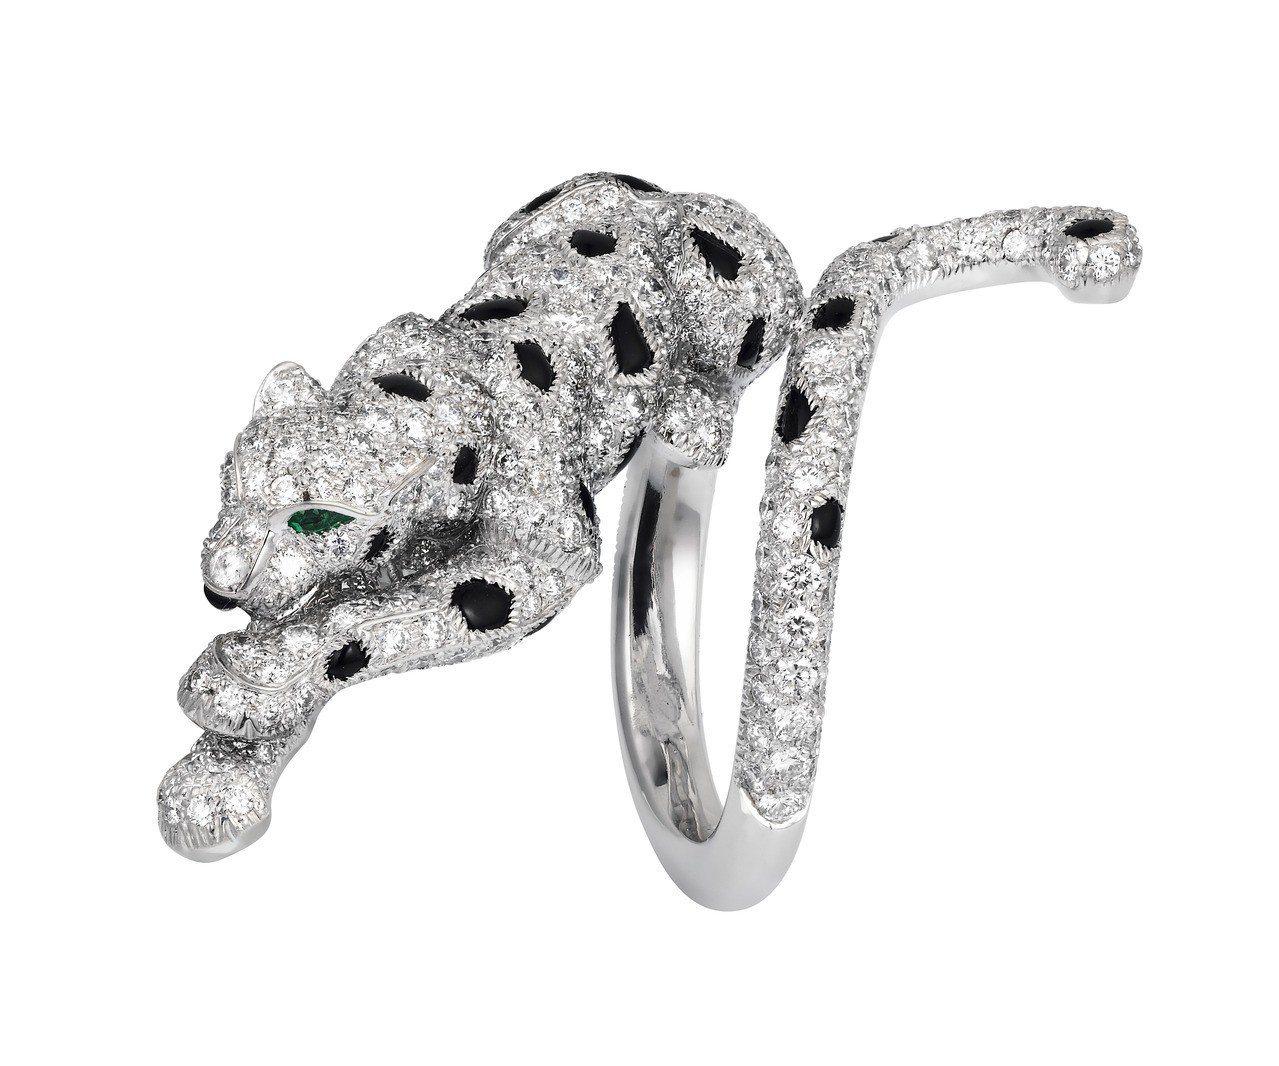 莫允雯最愛Panthère de Cartier美洲豹造型戒指,參考價格263萬...